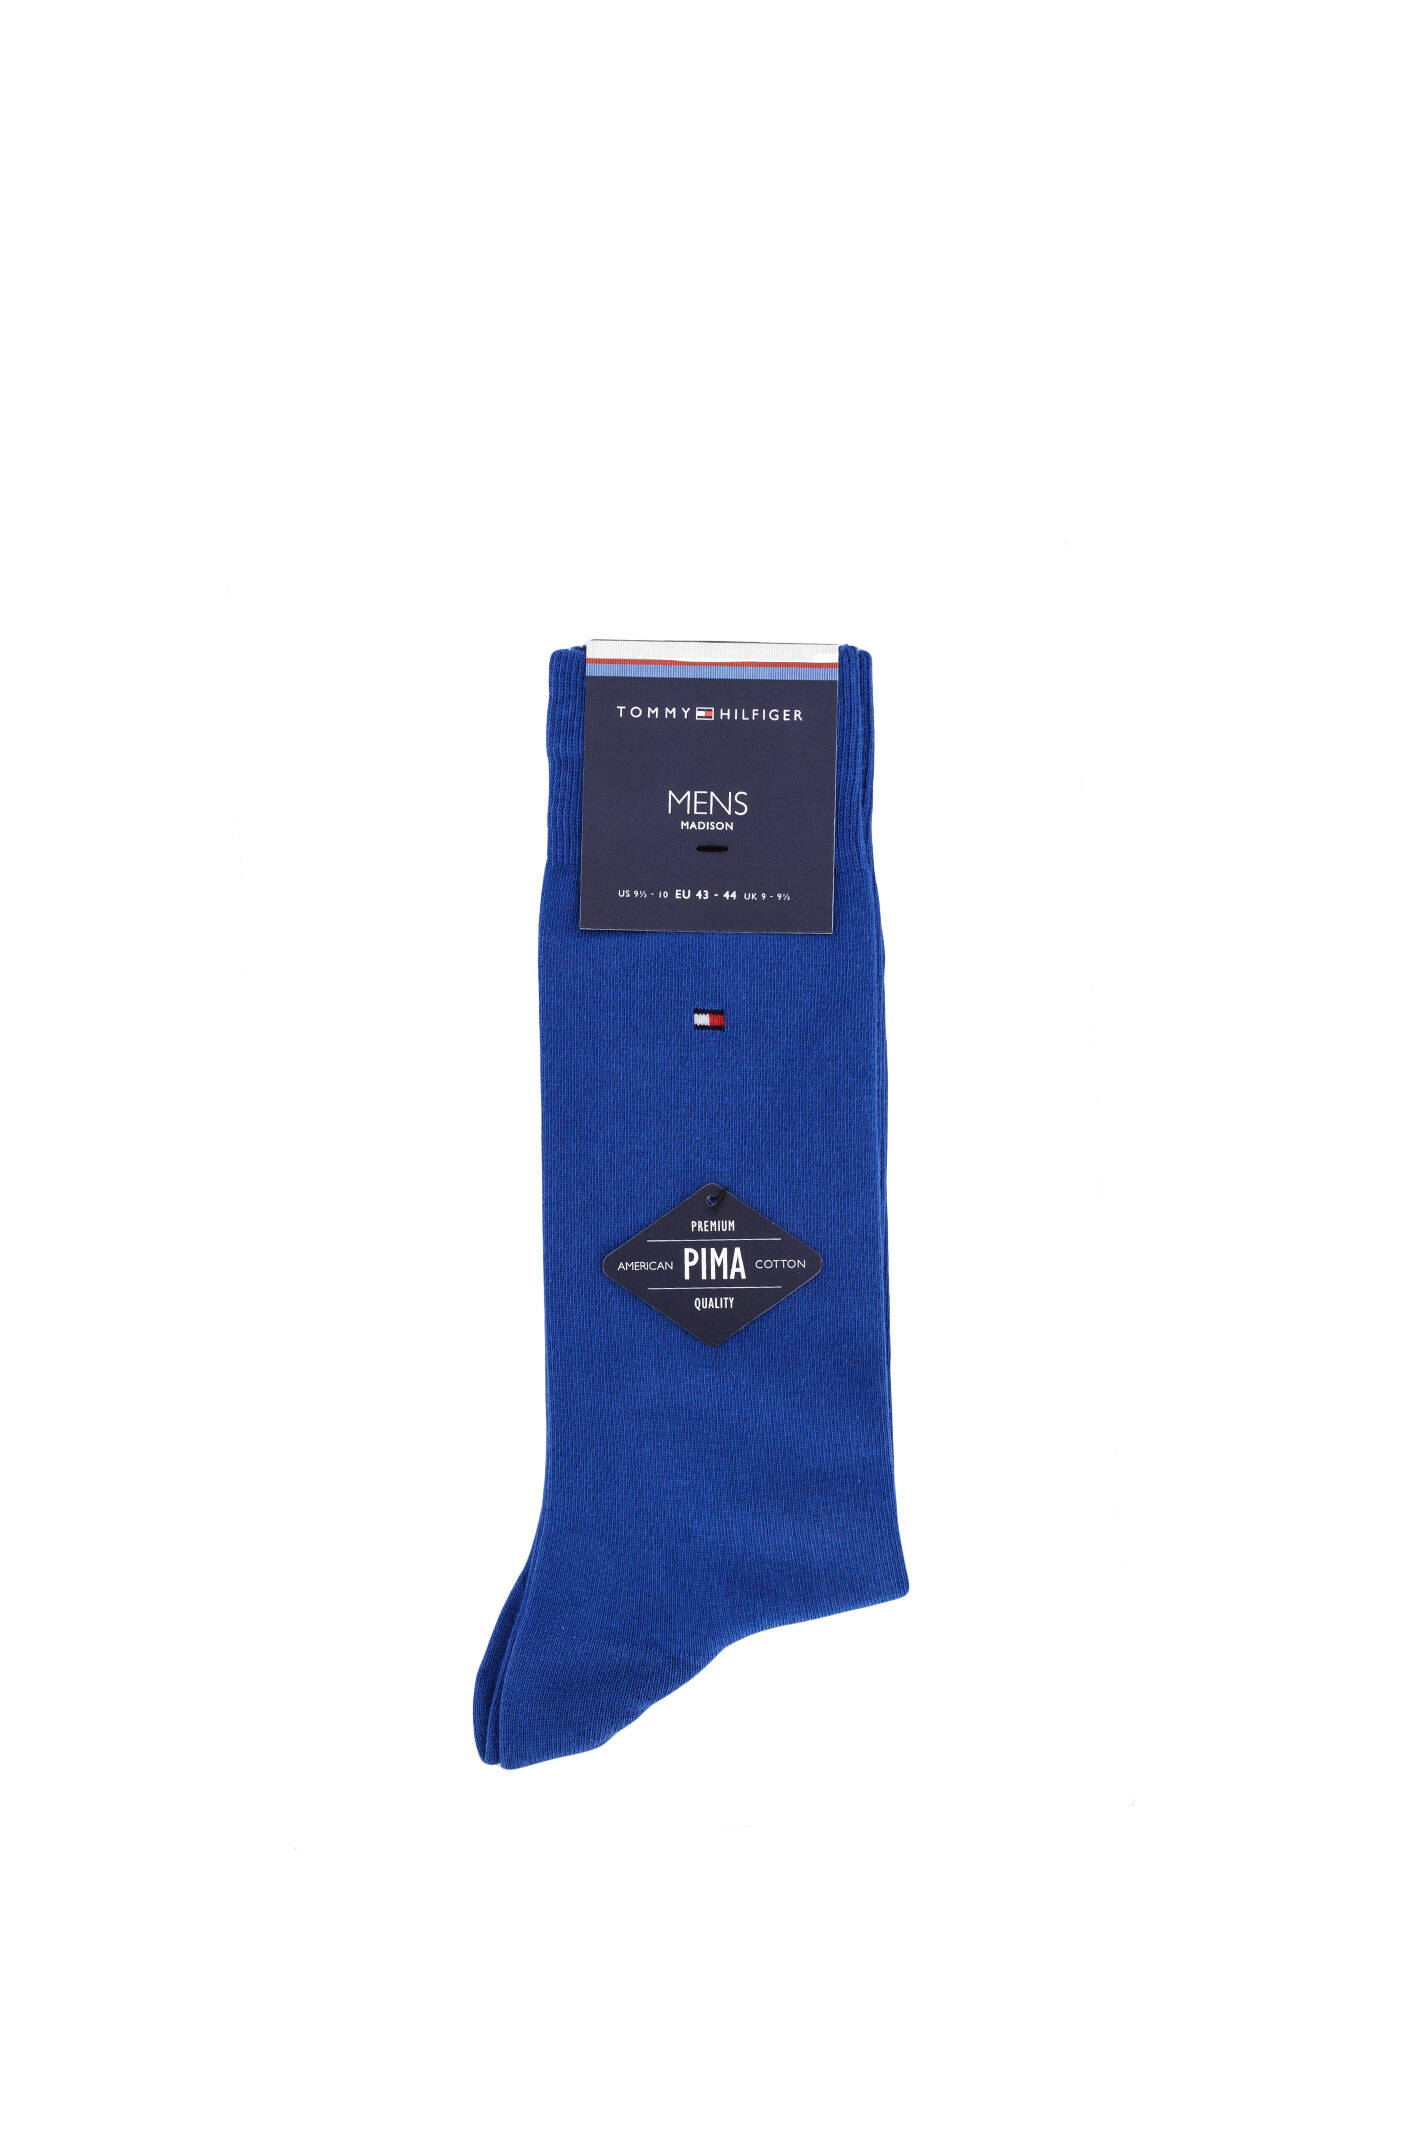 tommy classic madison socks tommy hilfiger blue socks. Black Bedroom Furniture Sets. Home Design Ideas